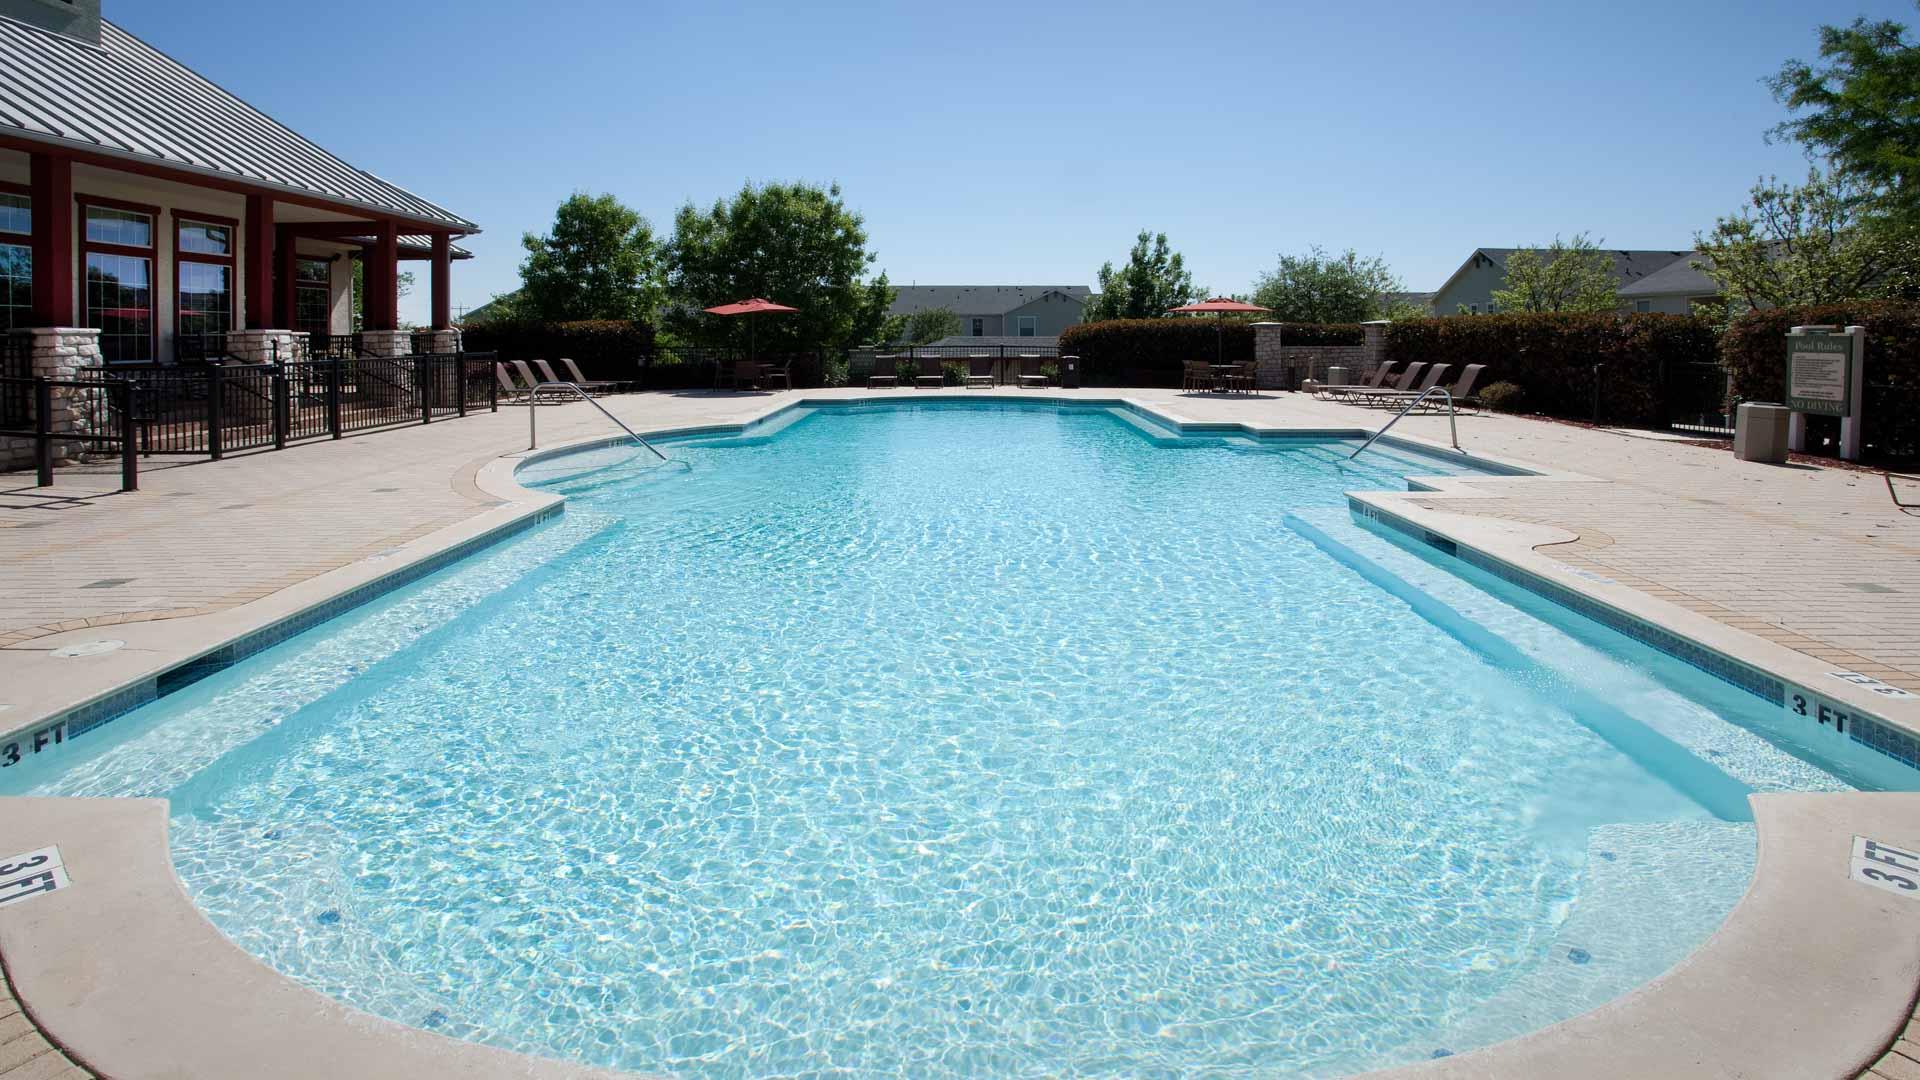 Pool at Springs at Live Oak in Live Oak, TX